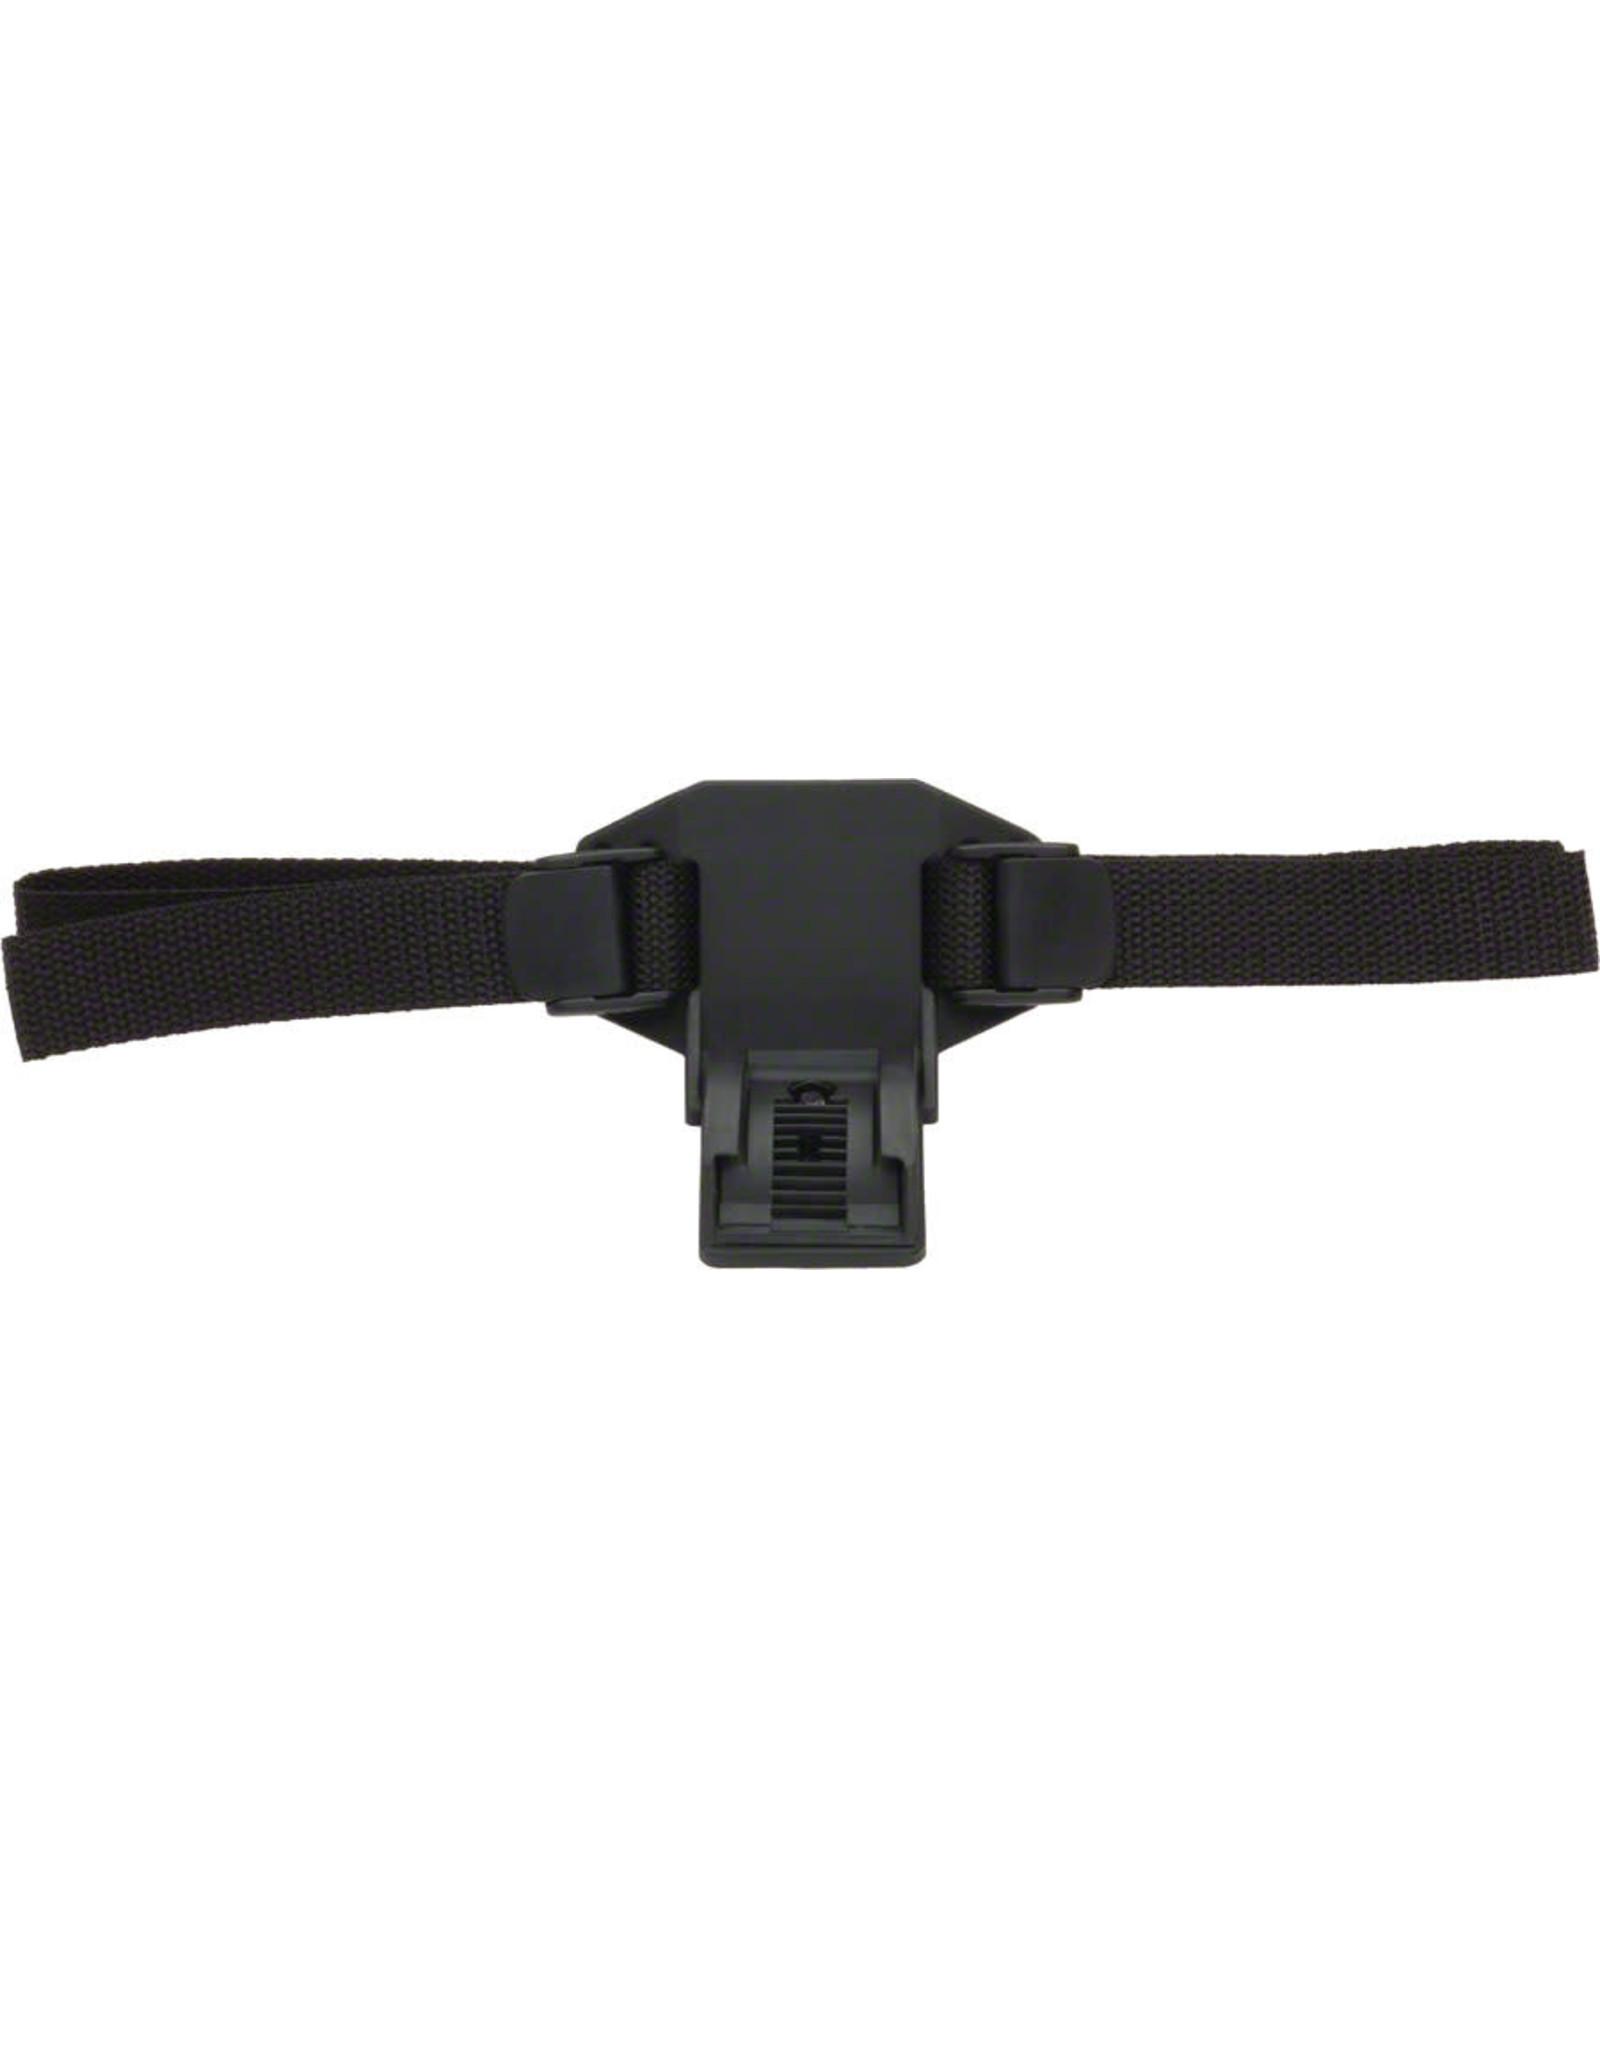 NiteRider NiteRider Pro Series Angle Multi-Position Helmet Mount